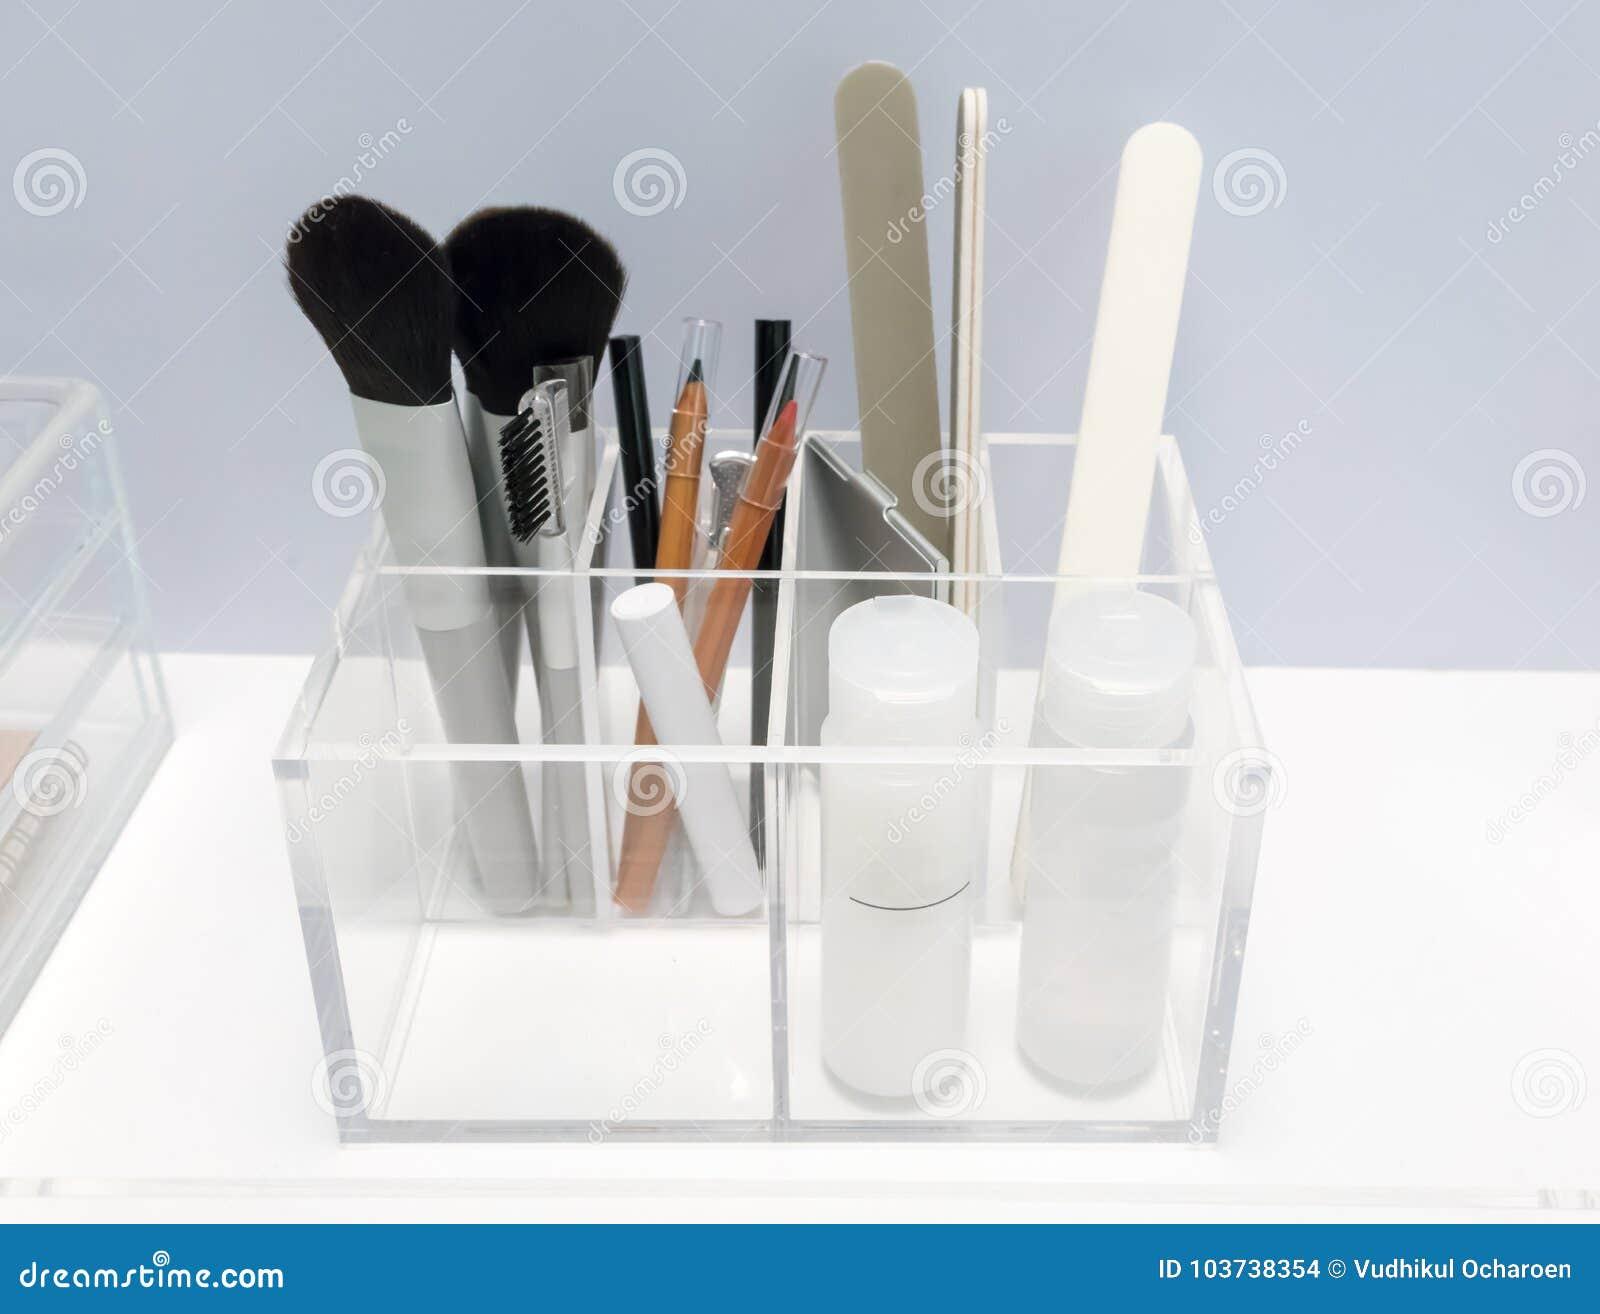 El tenedor de acrílico claro en forma cuadrada solicitó belleza organiza